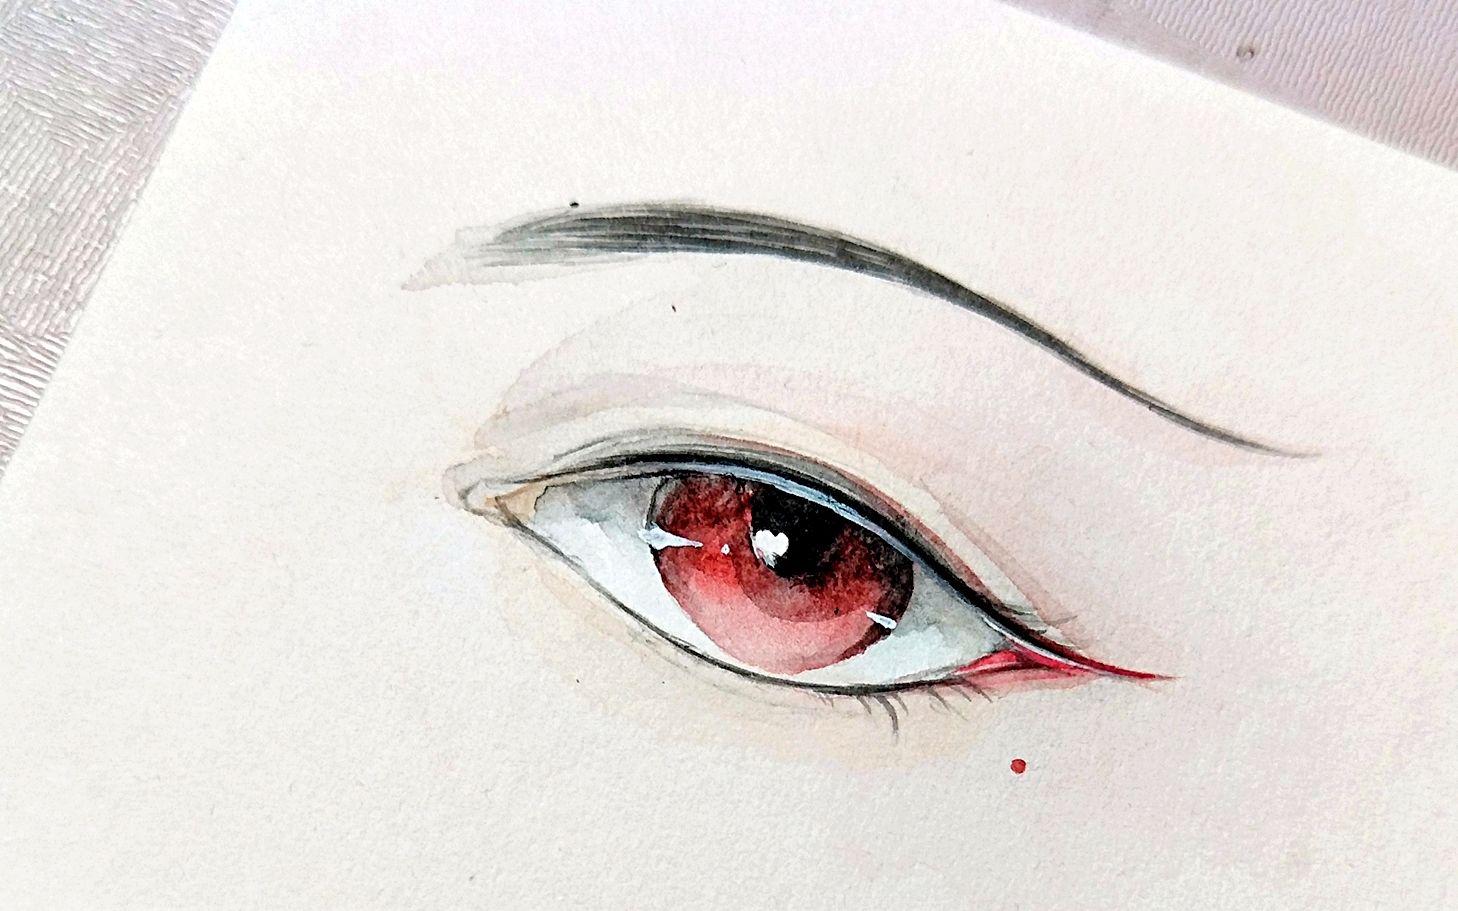 眼睛手绘水彩教程 突然想画眼睛了,练习一下 哔哩哔哩 ゜ ゜ つロ干杯